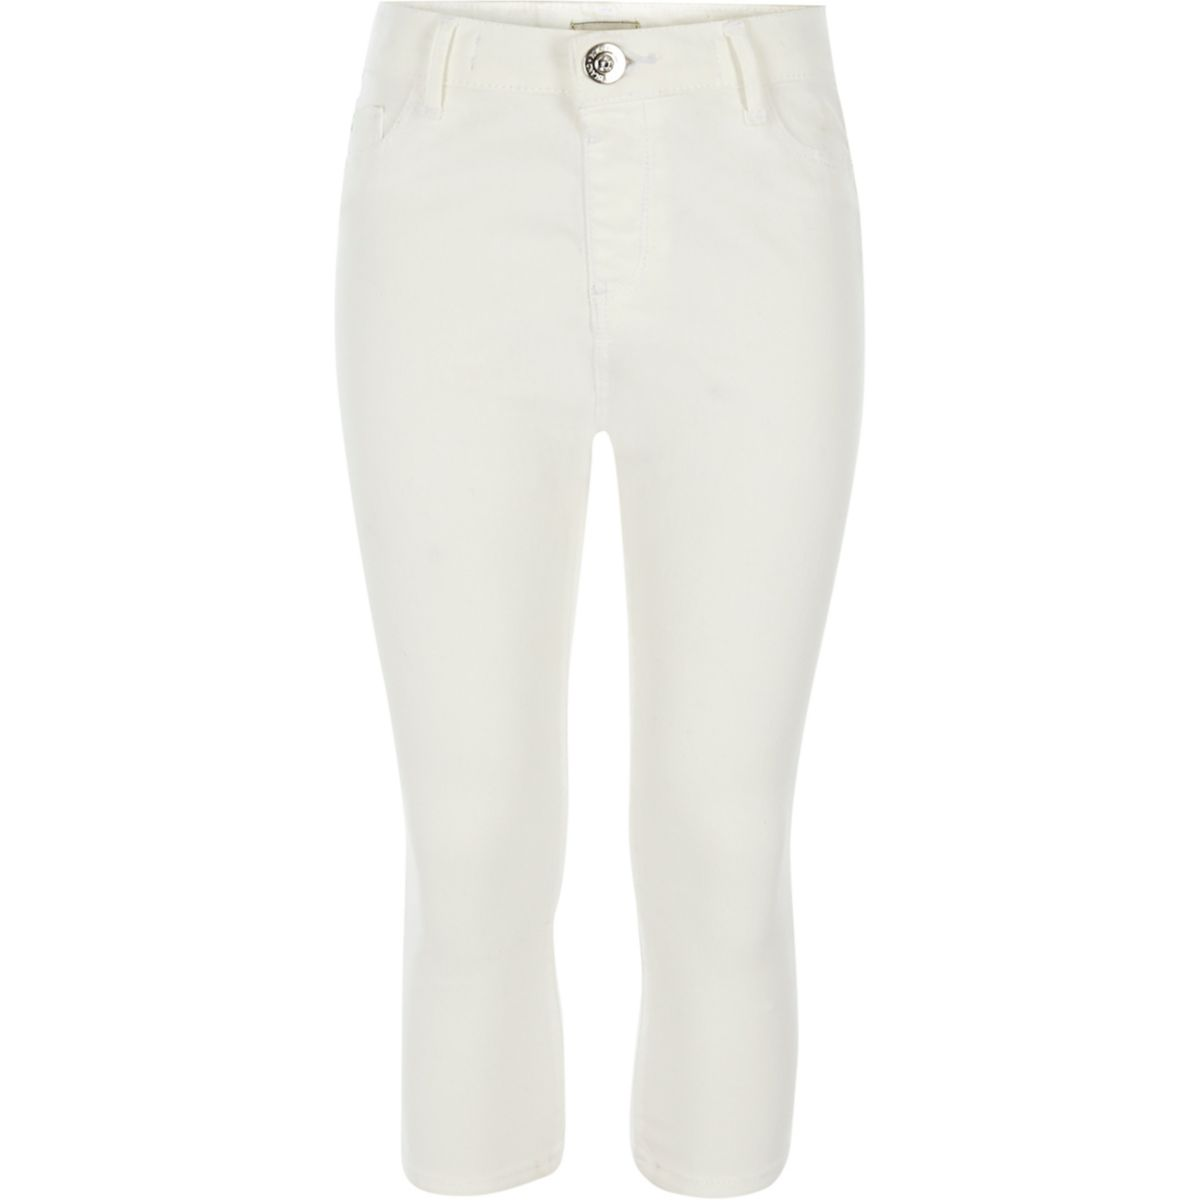 Molly – Weiße Cropped-Jeans mit mittelhohem Bund